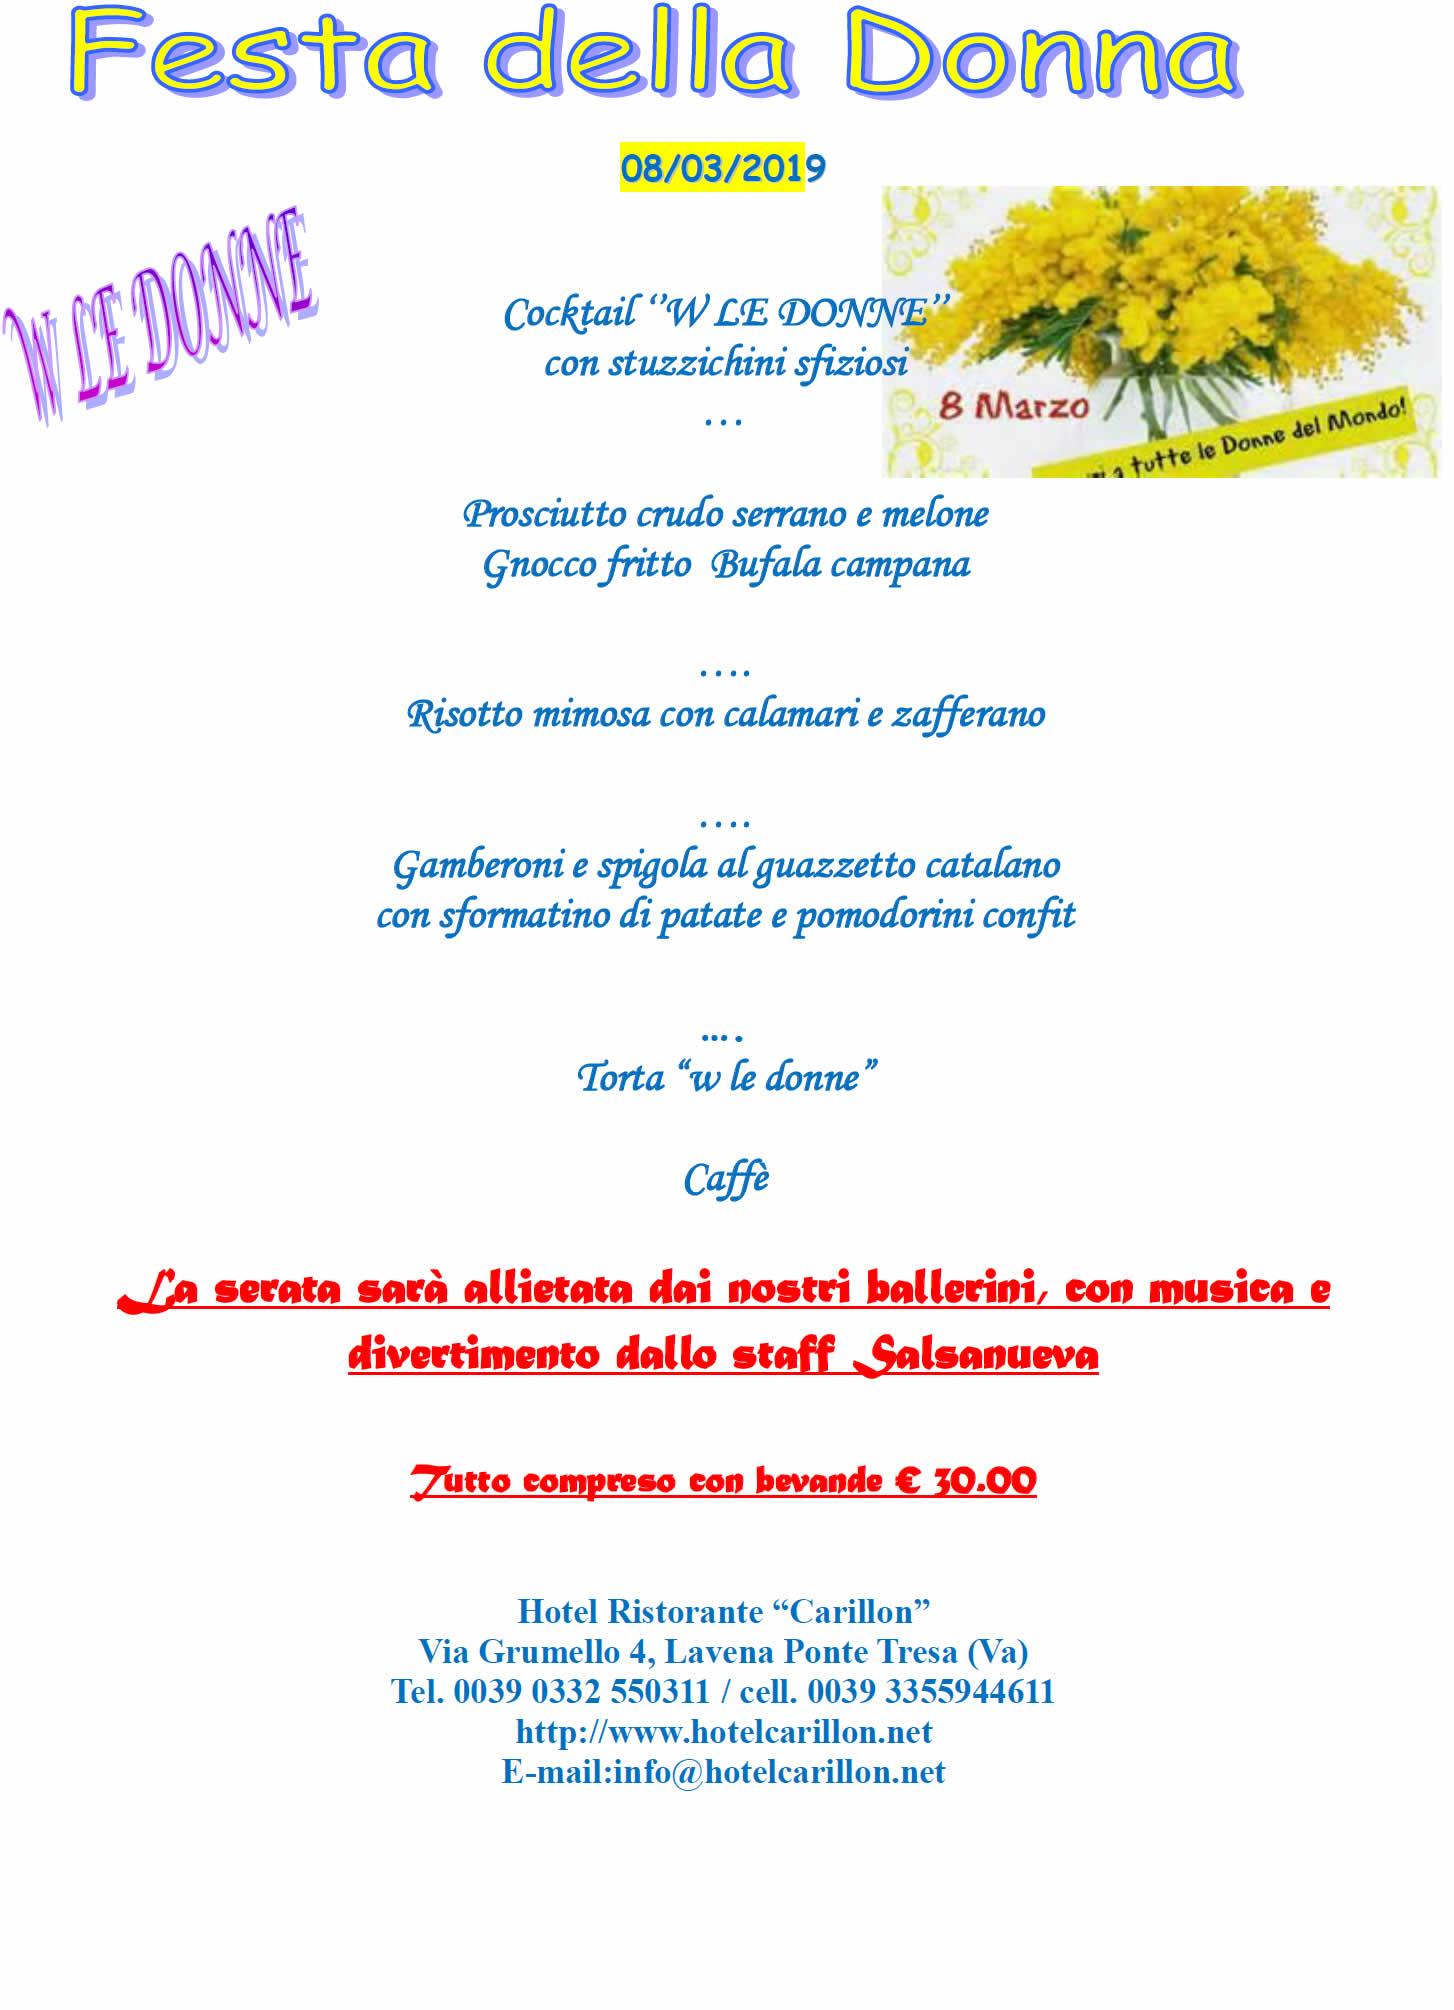 menu Festa della Donna 2019